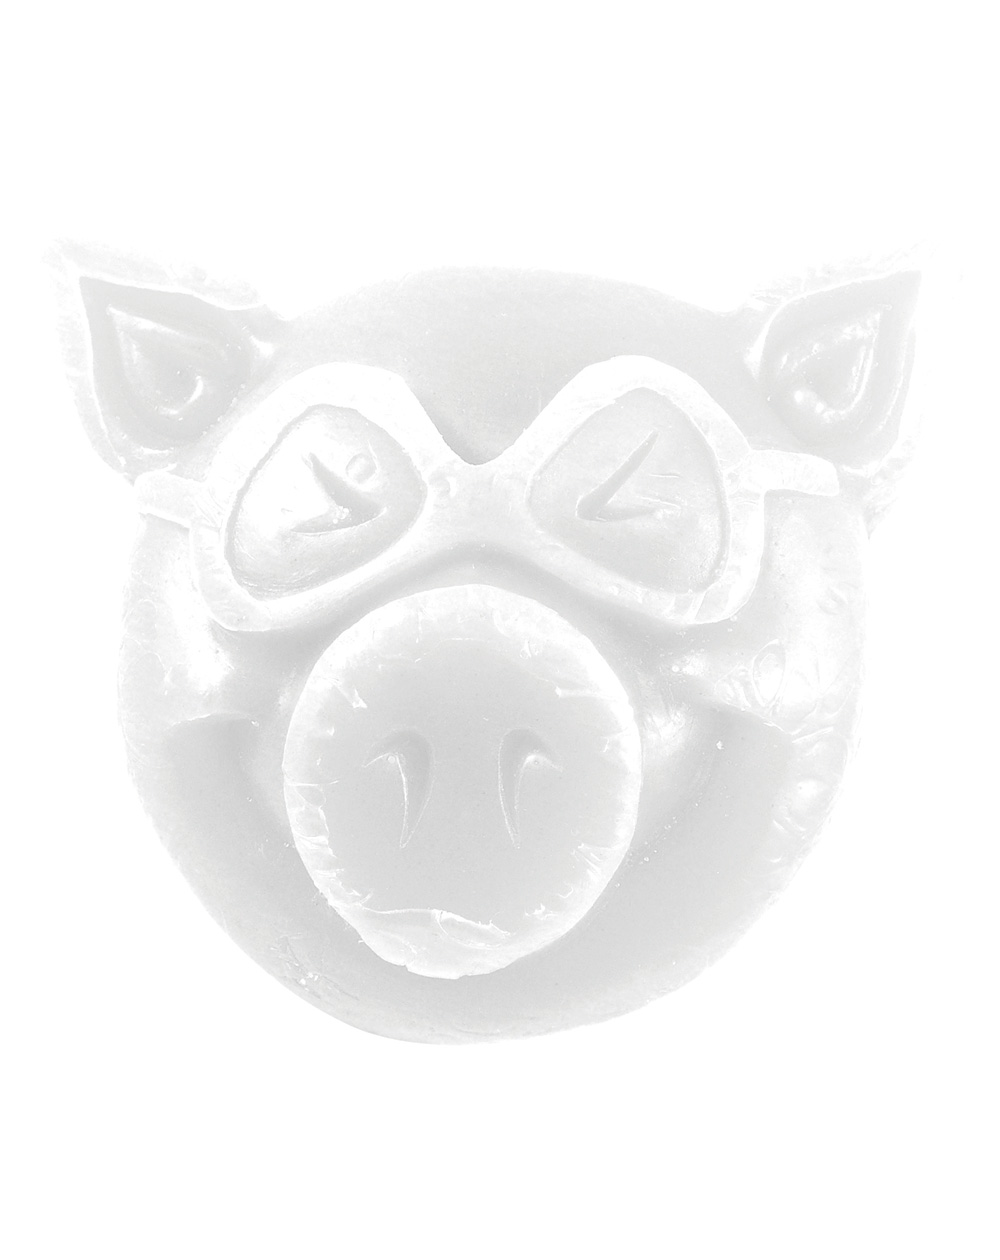 Pig Wheels Pig Head Skateboard Wax White